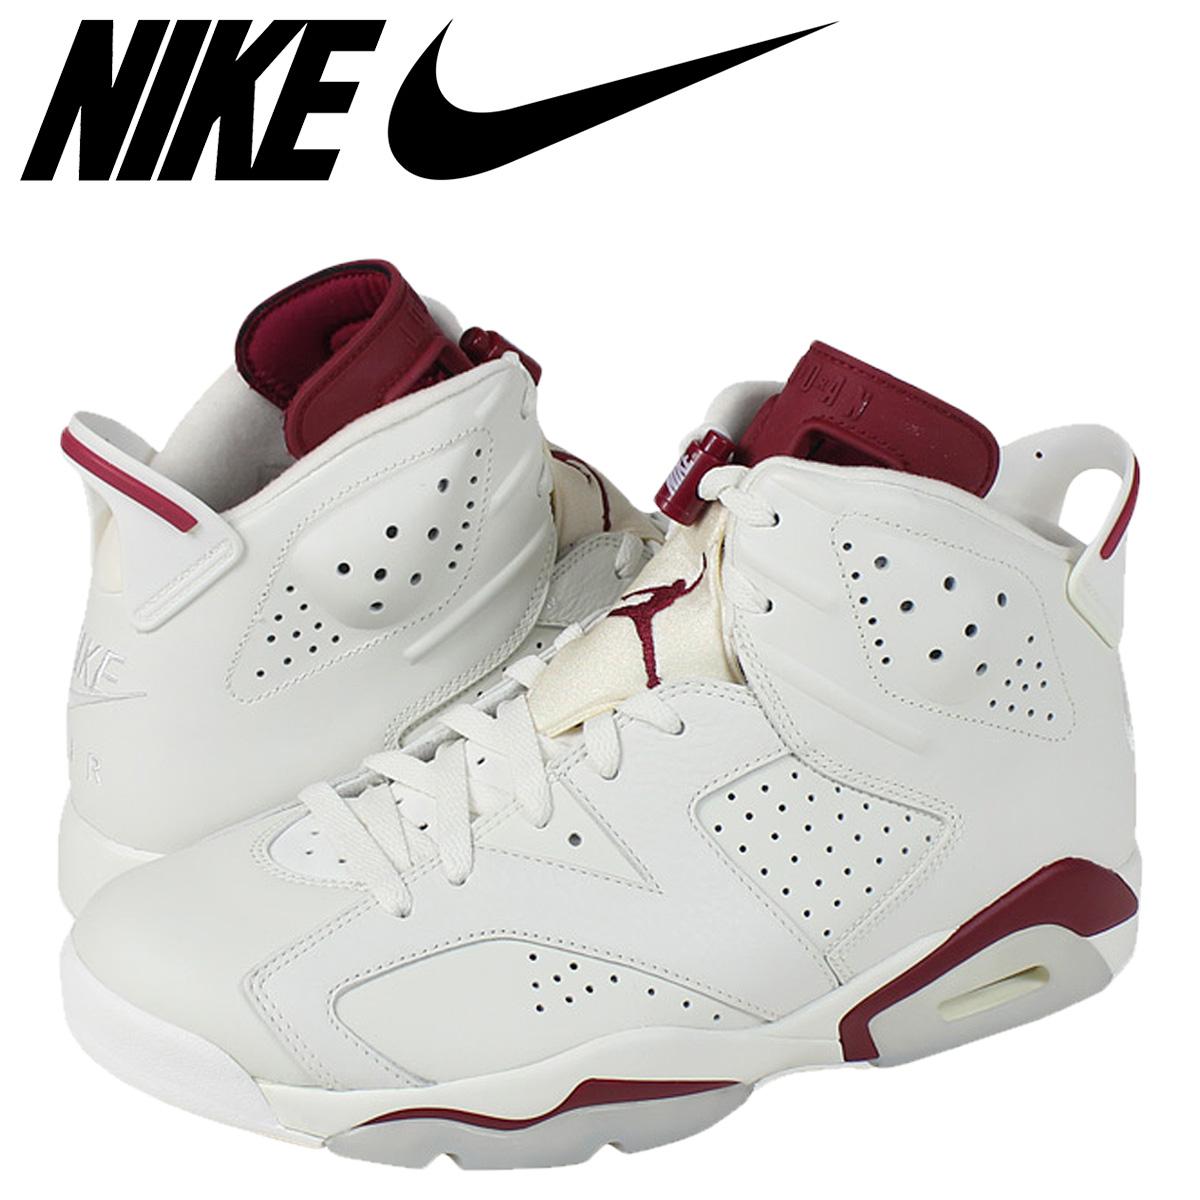 53c6015919e NIKE AIR JORDAN 6 RETRO MAROON Nike Air Jordan sneakers Air Jordan 6  nostalgic 384,664- ...